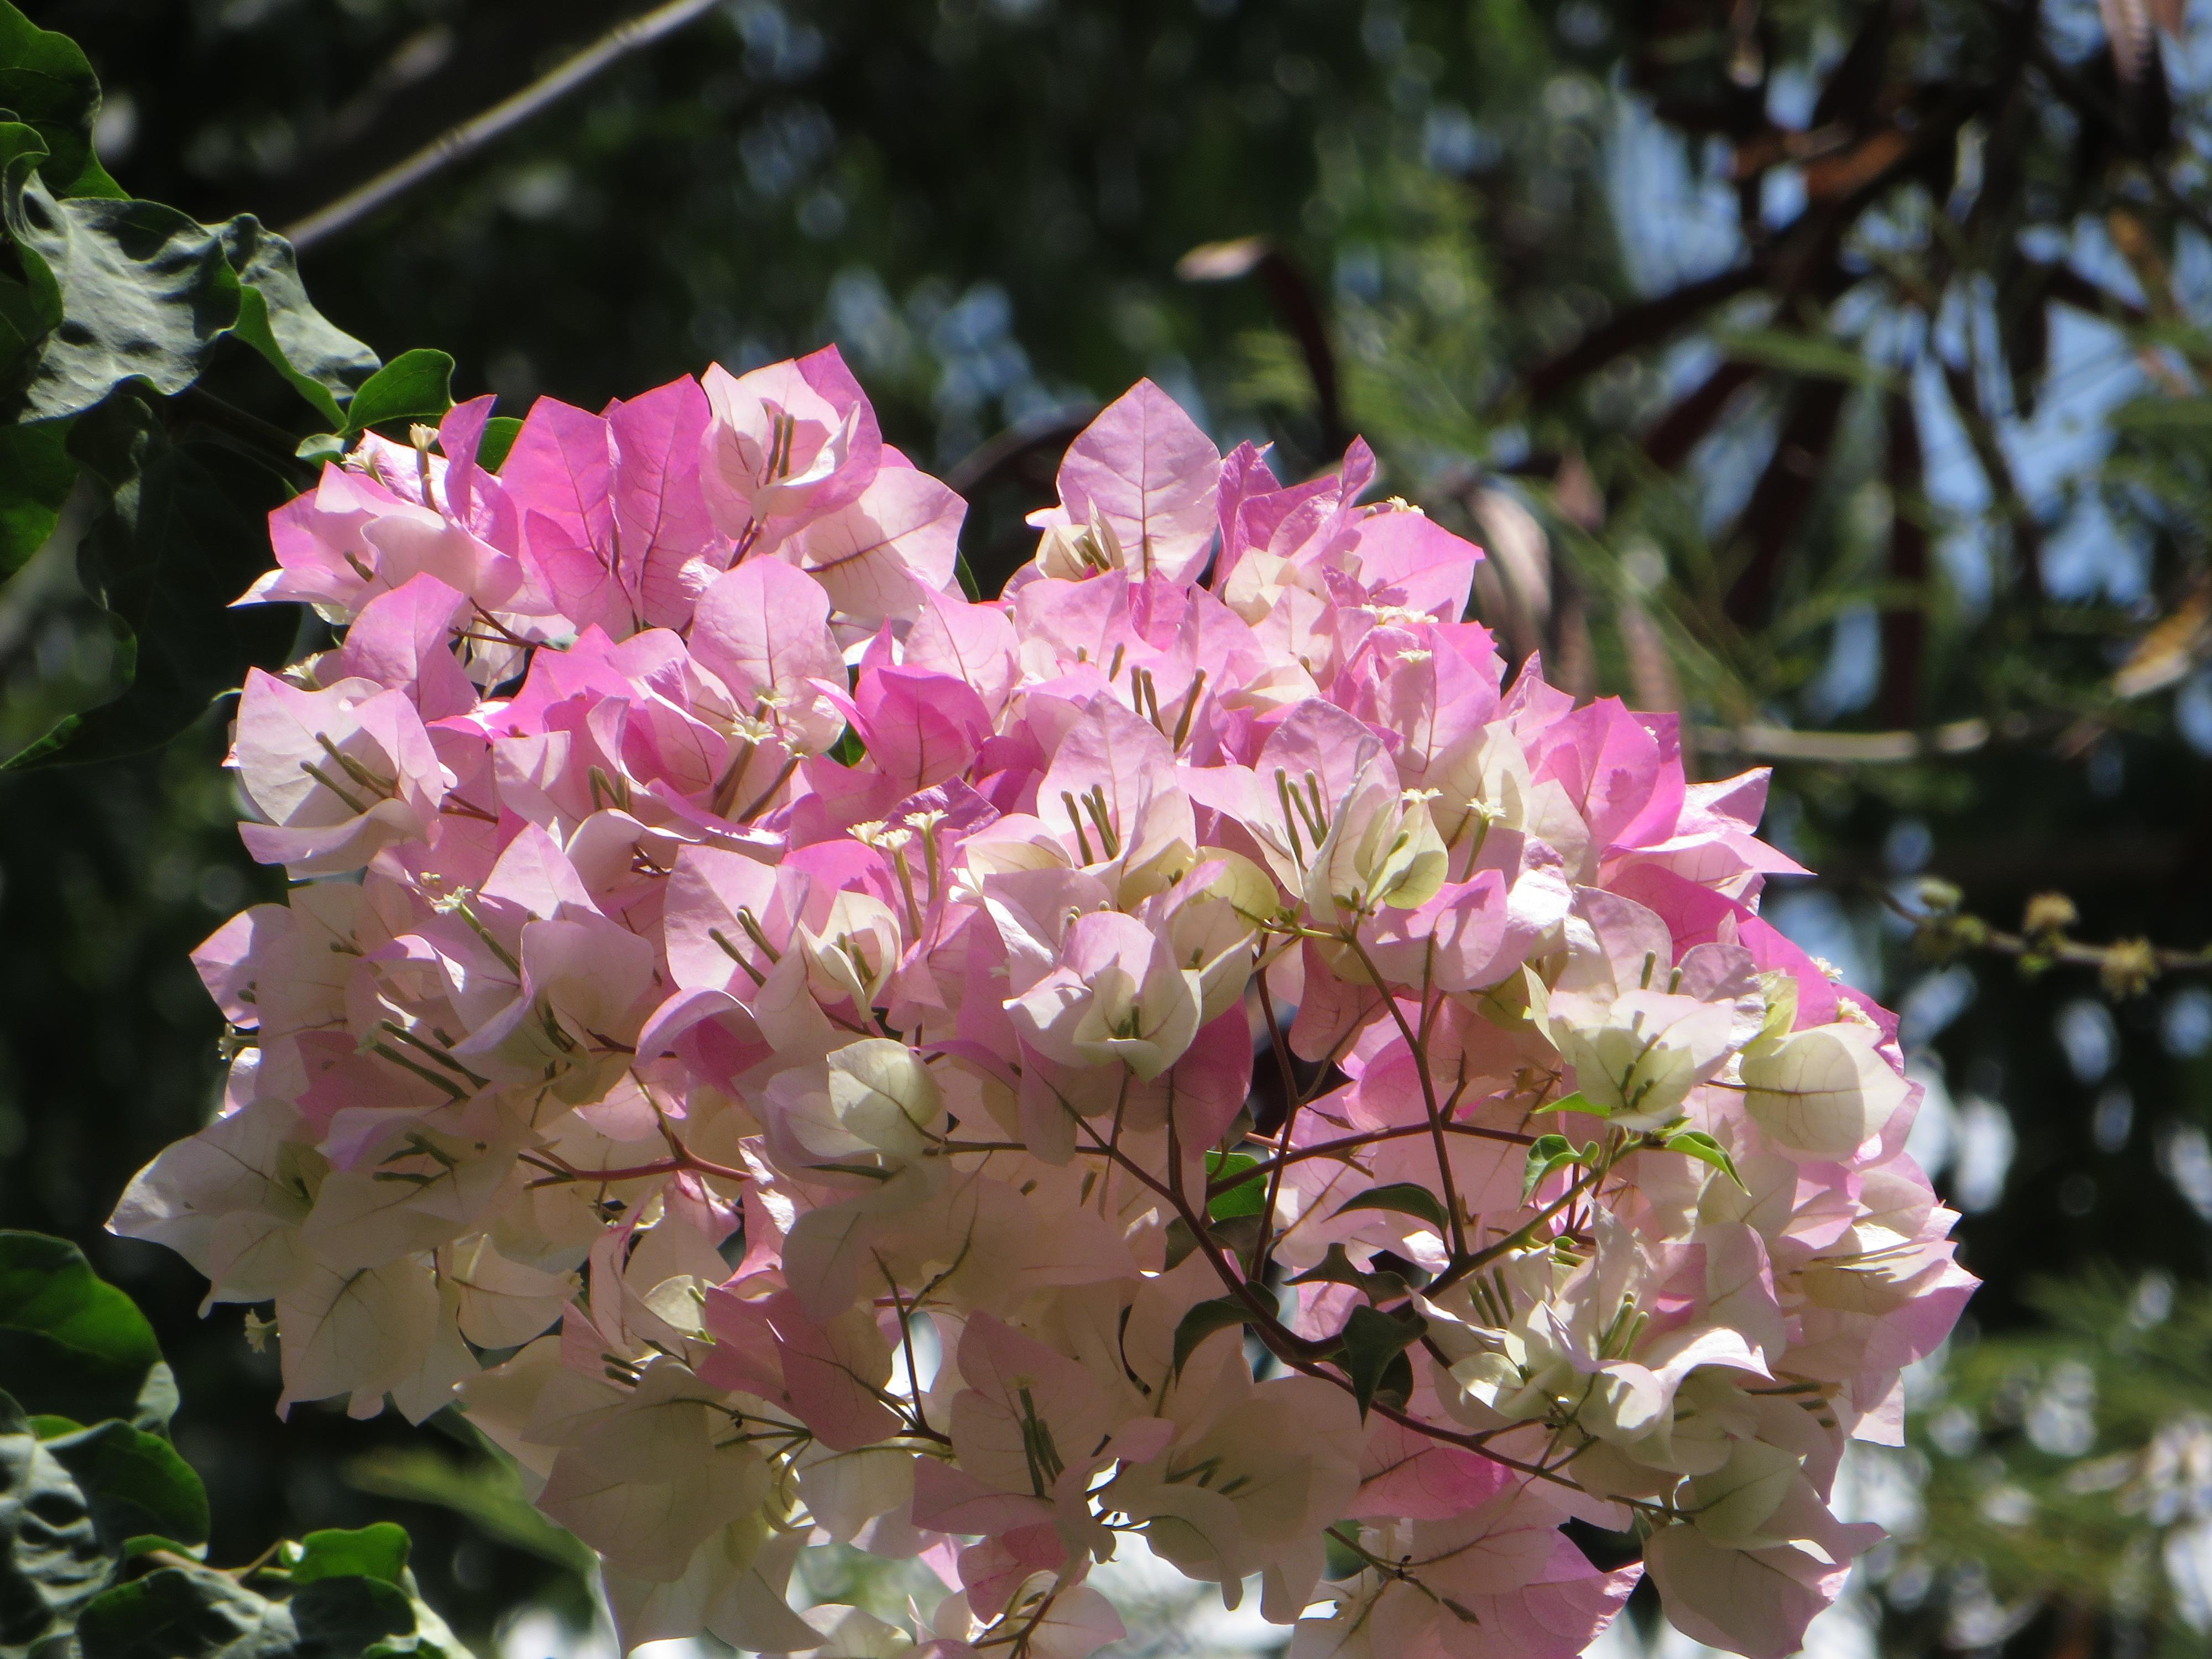 薄ピンクのきれいな花 ブーゲンビリア